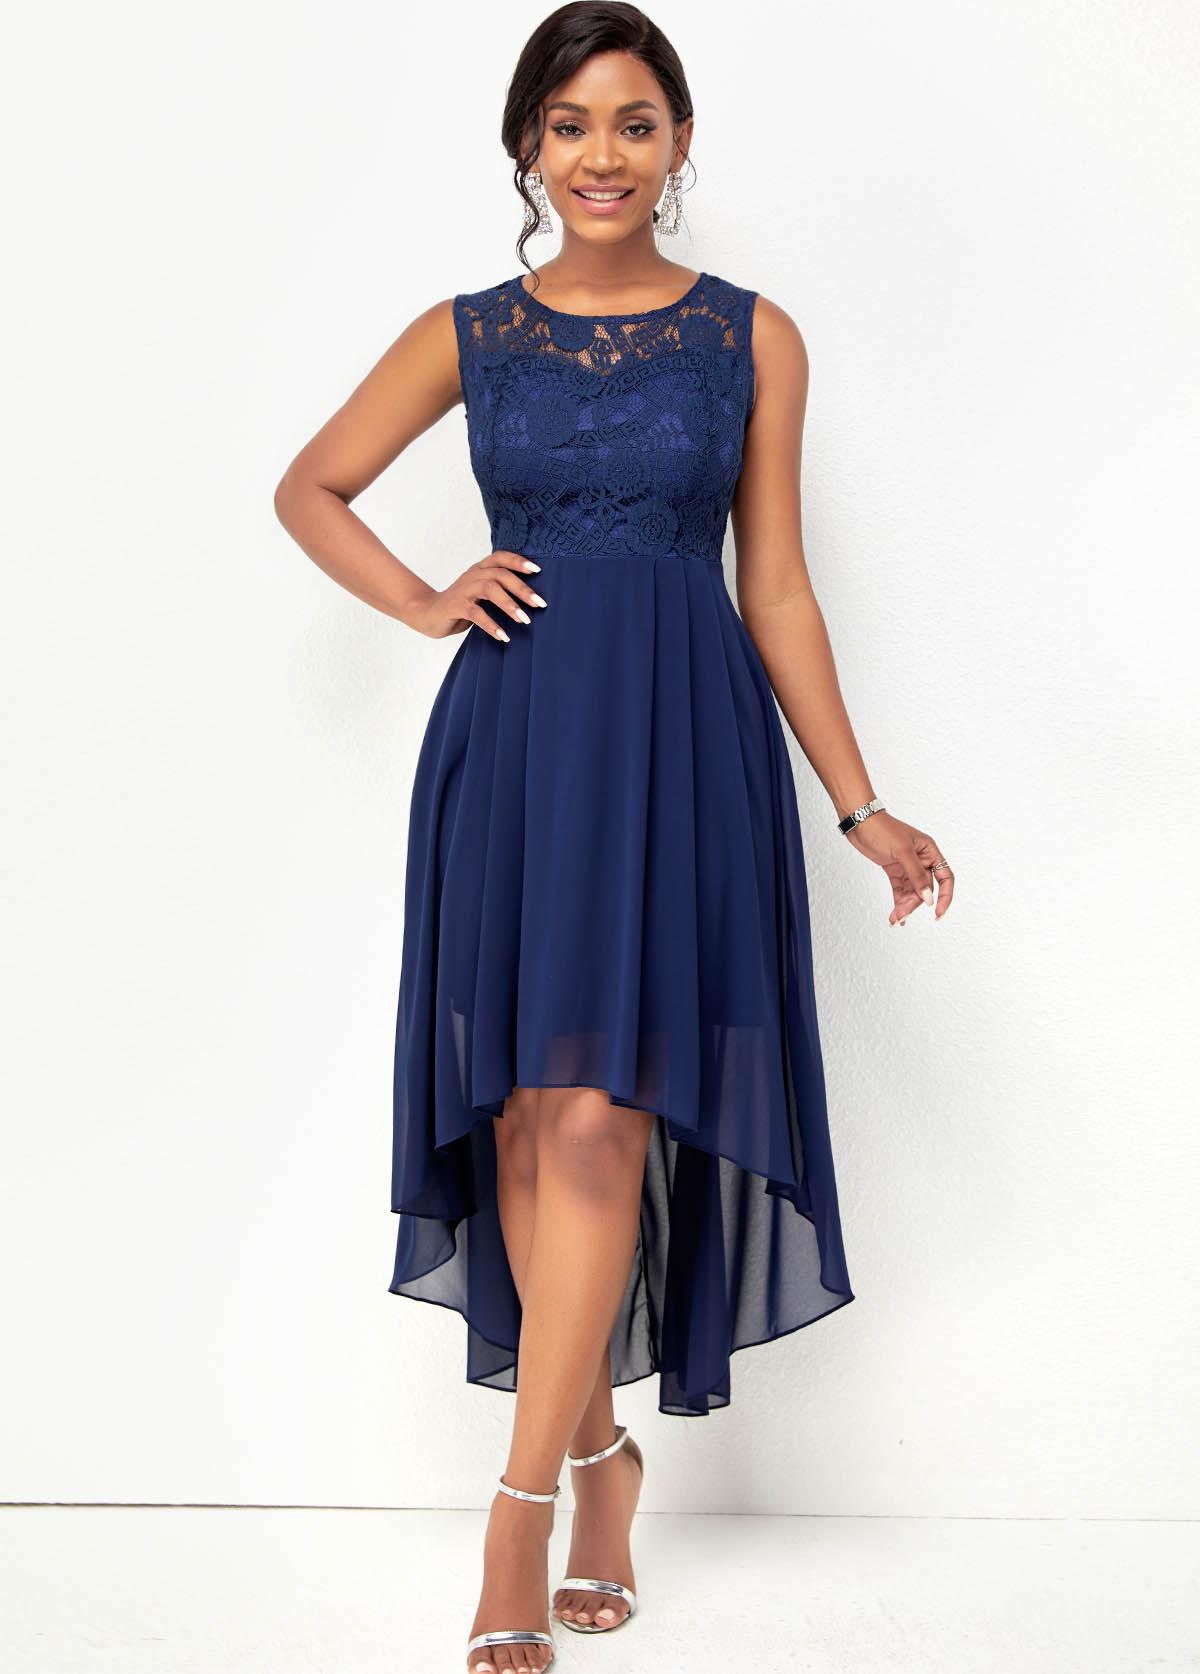 Lace Stitching Sleeveless Chiffon High Low Dress